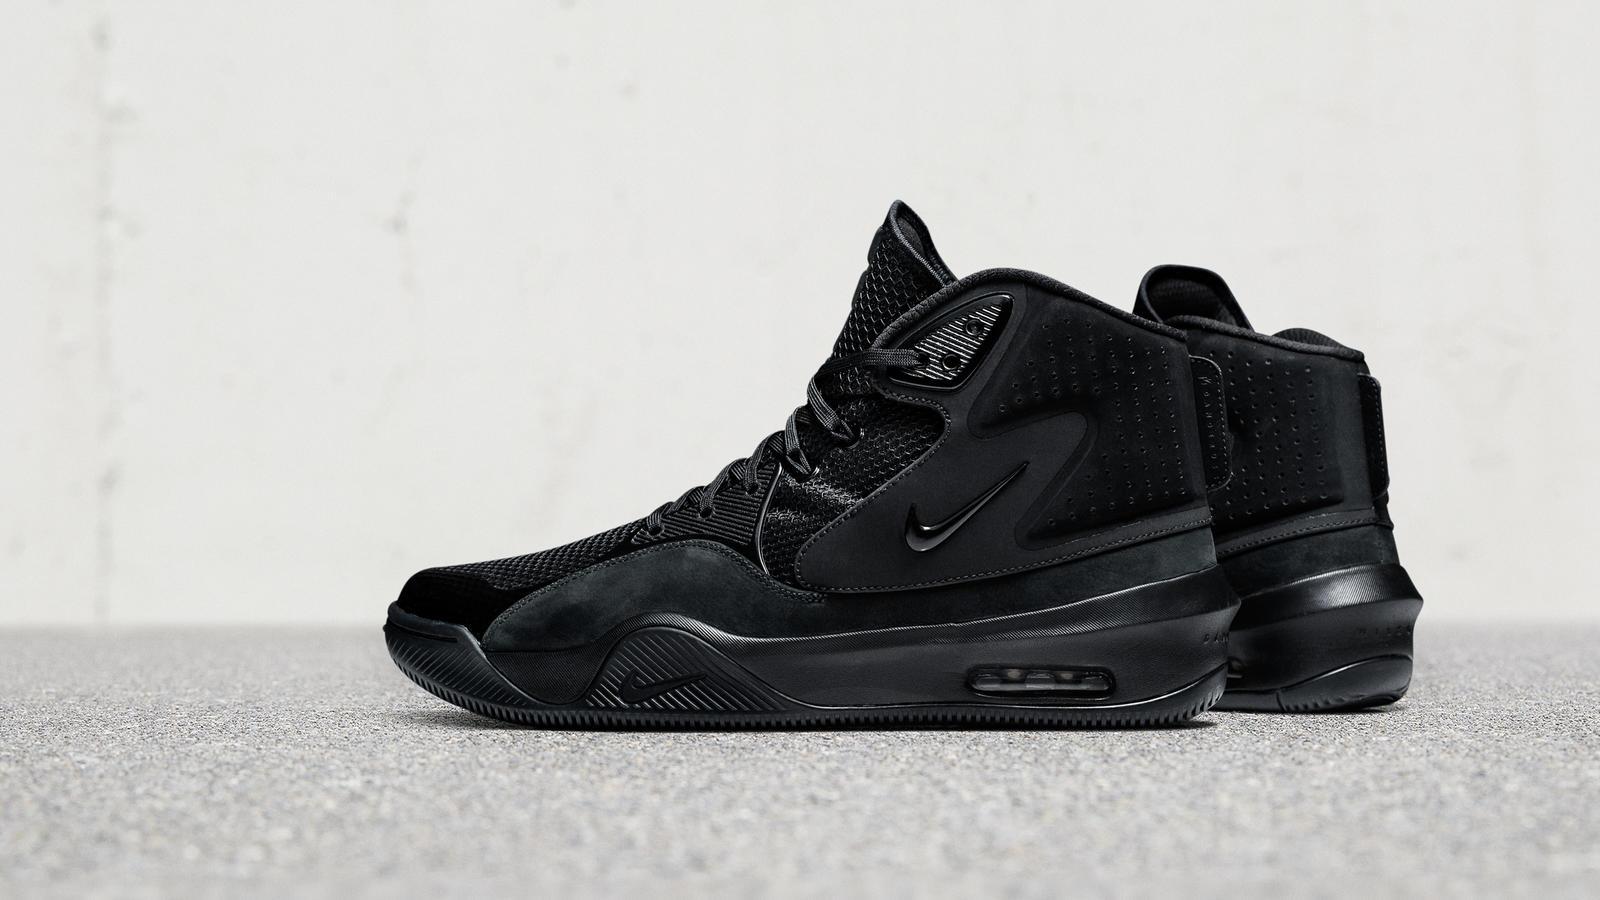 Nike dangeruss wilson 1 06 hd 1600